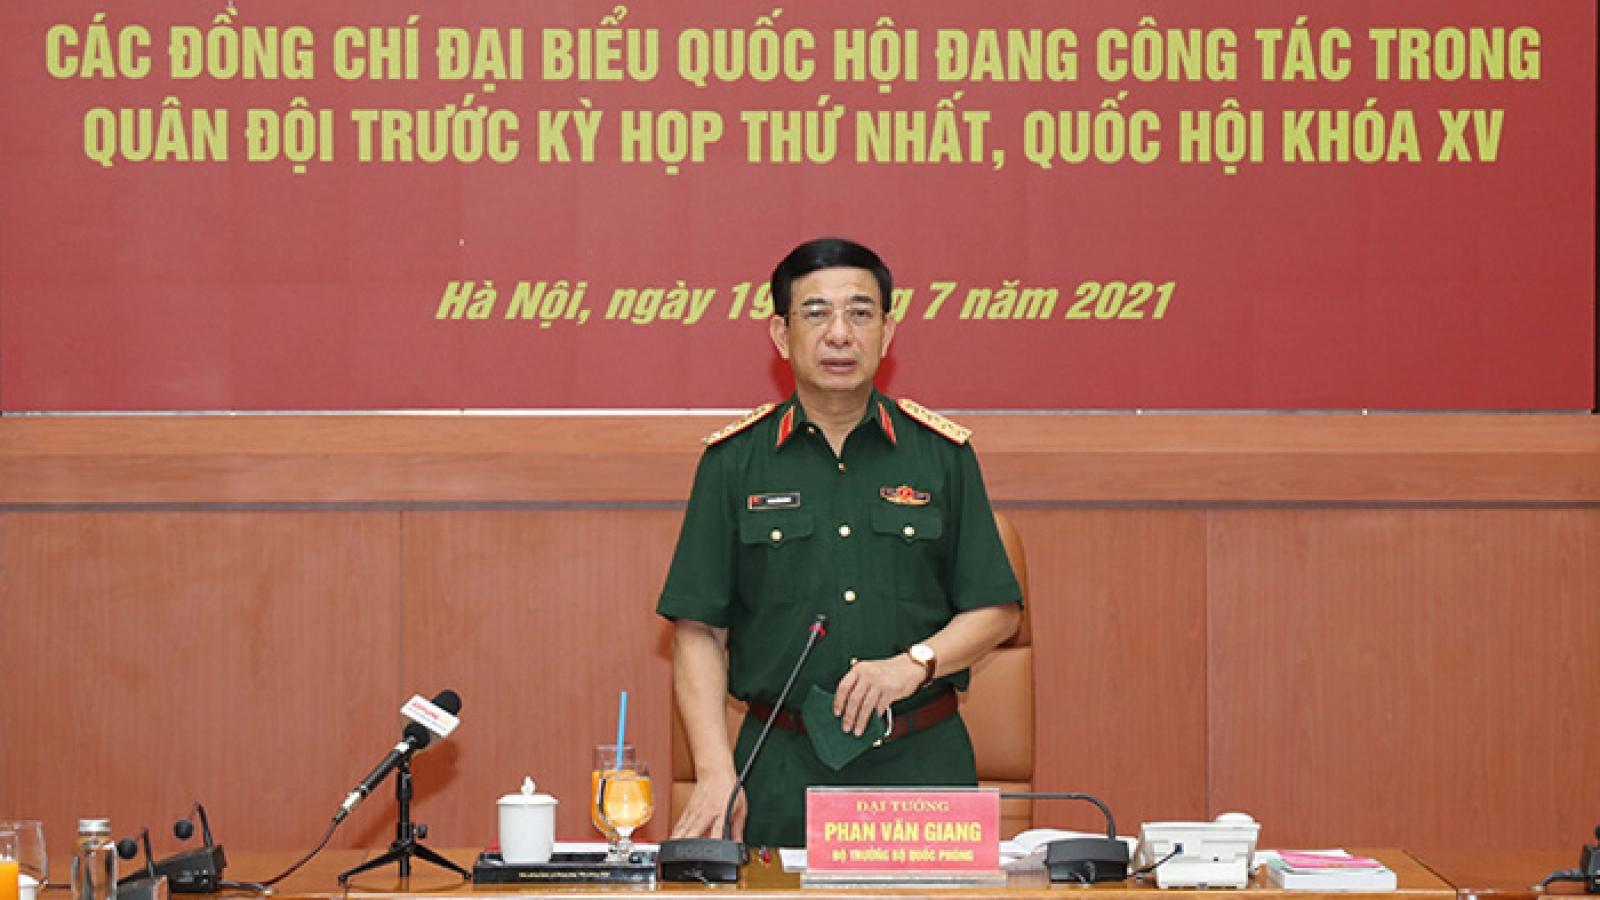 Bộ Quốc phòng gặp mặt các đại biểu Quốc hội công tác trong quân đội